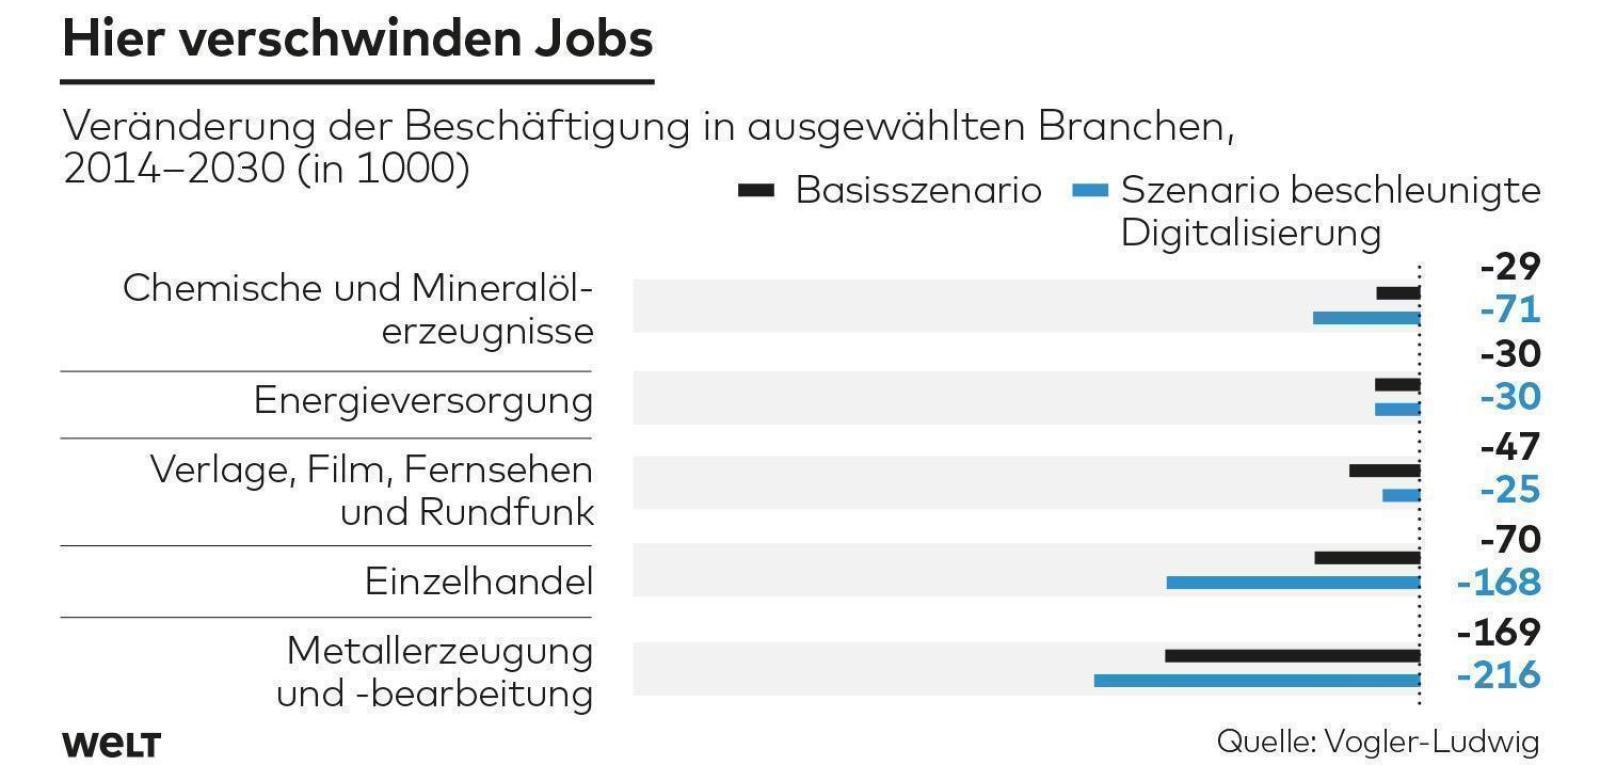 Zukunftsworkshop: Und welche Berufe benötigt Ihr Unternehmen in Zukunft?